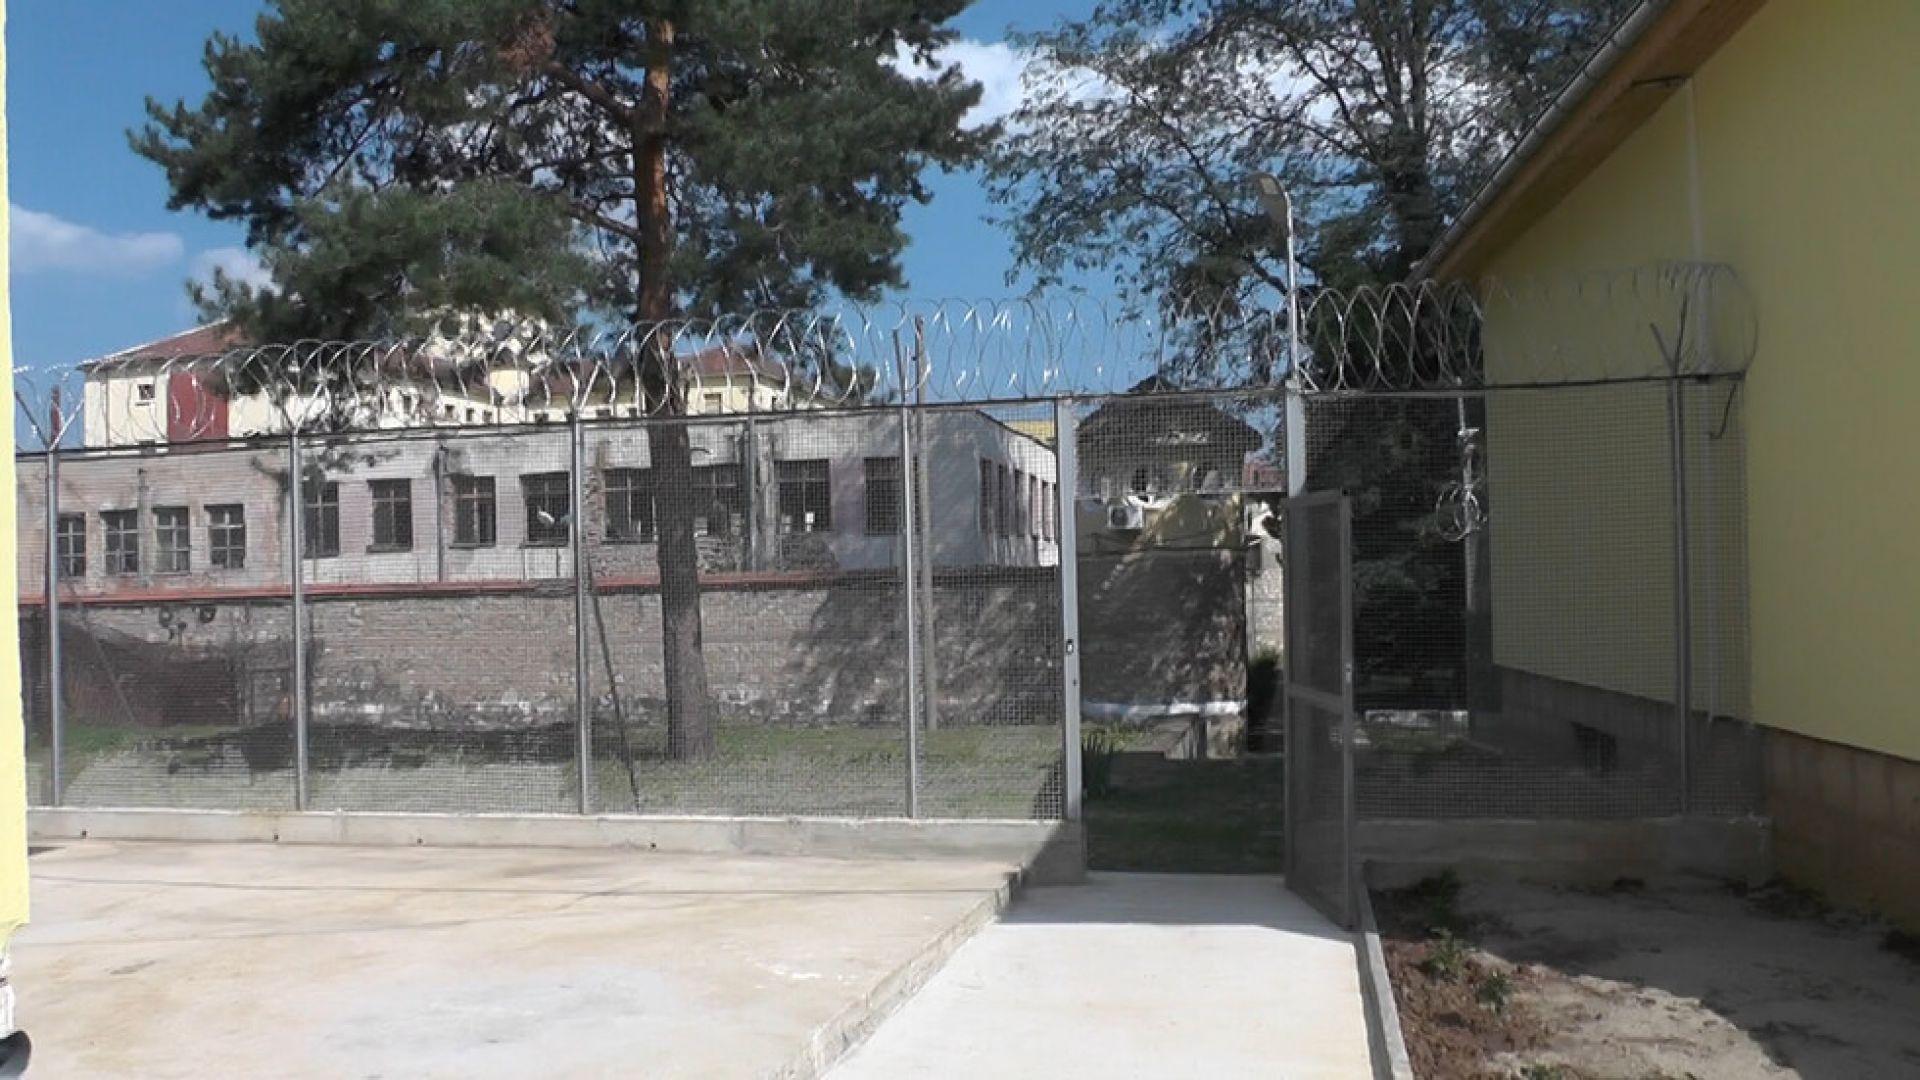 Трима избягаха от затвора за непълнолетни във Враца, заловиха ги след катастрофа